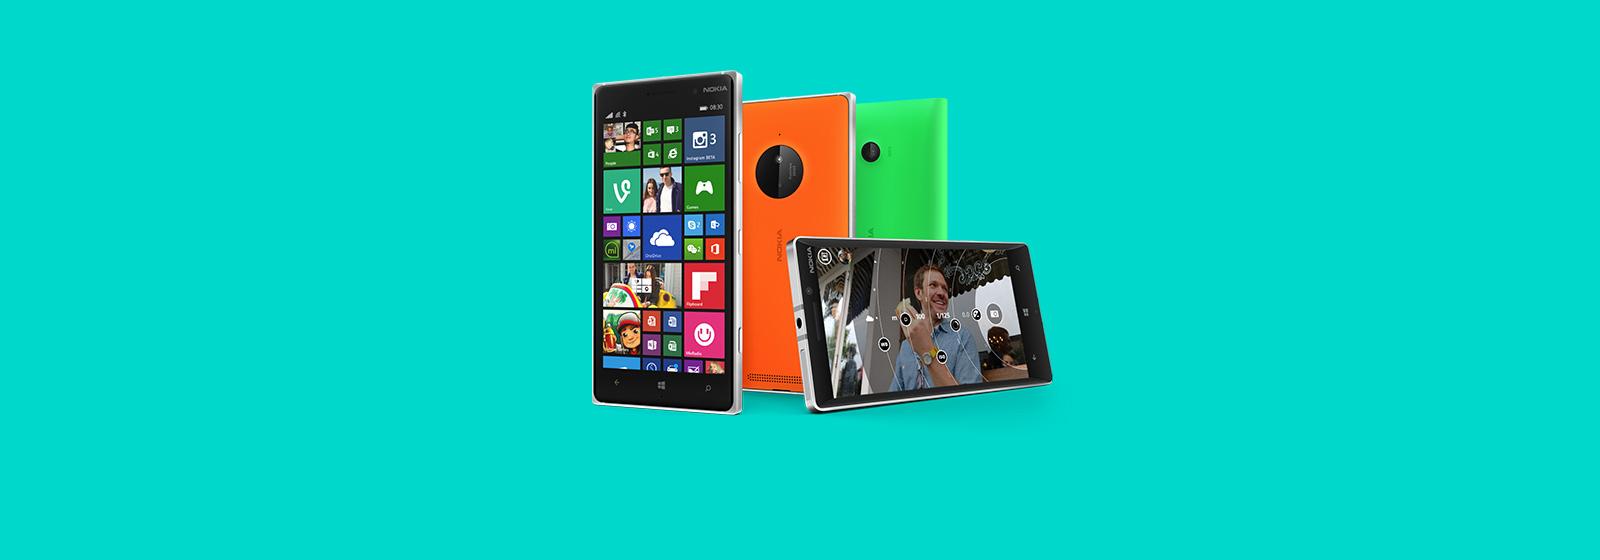 Saca más partido a tu smartphone. Más información sobre dispositivos Lumia.